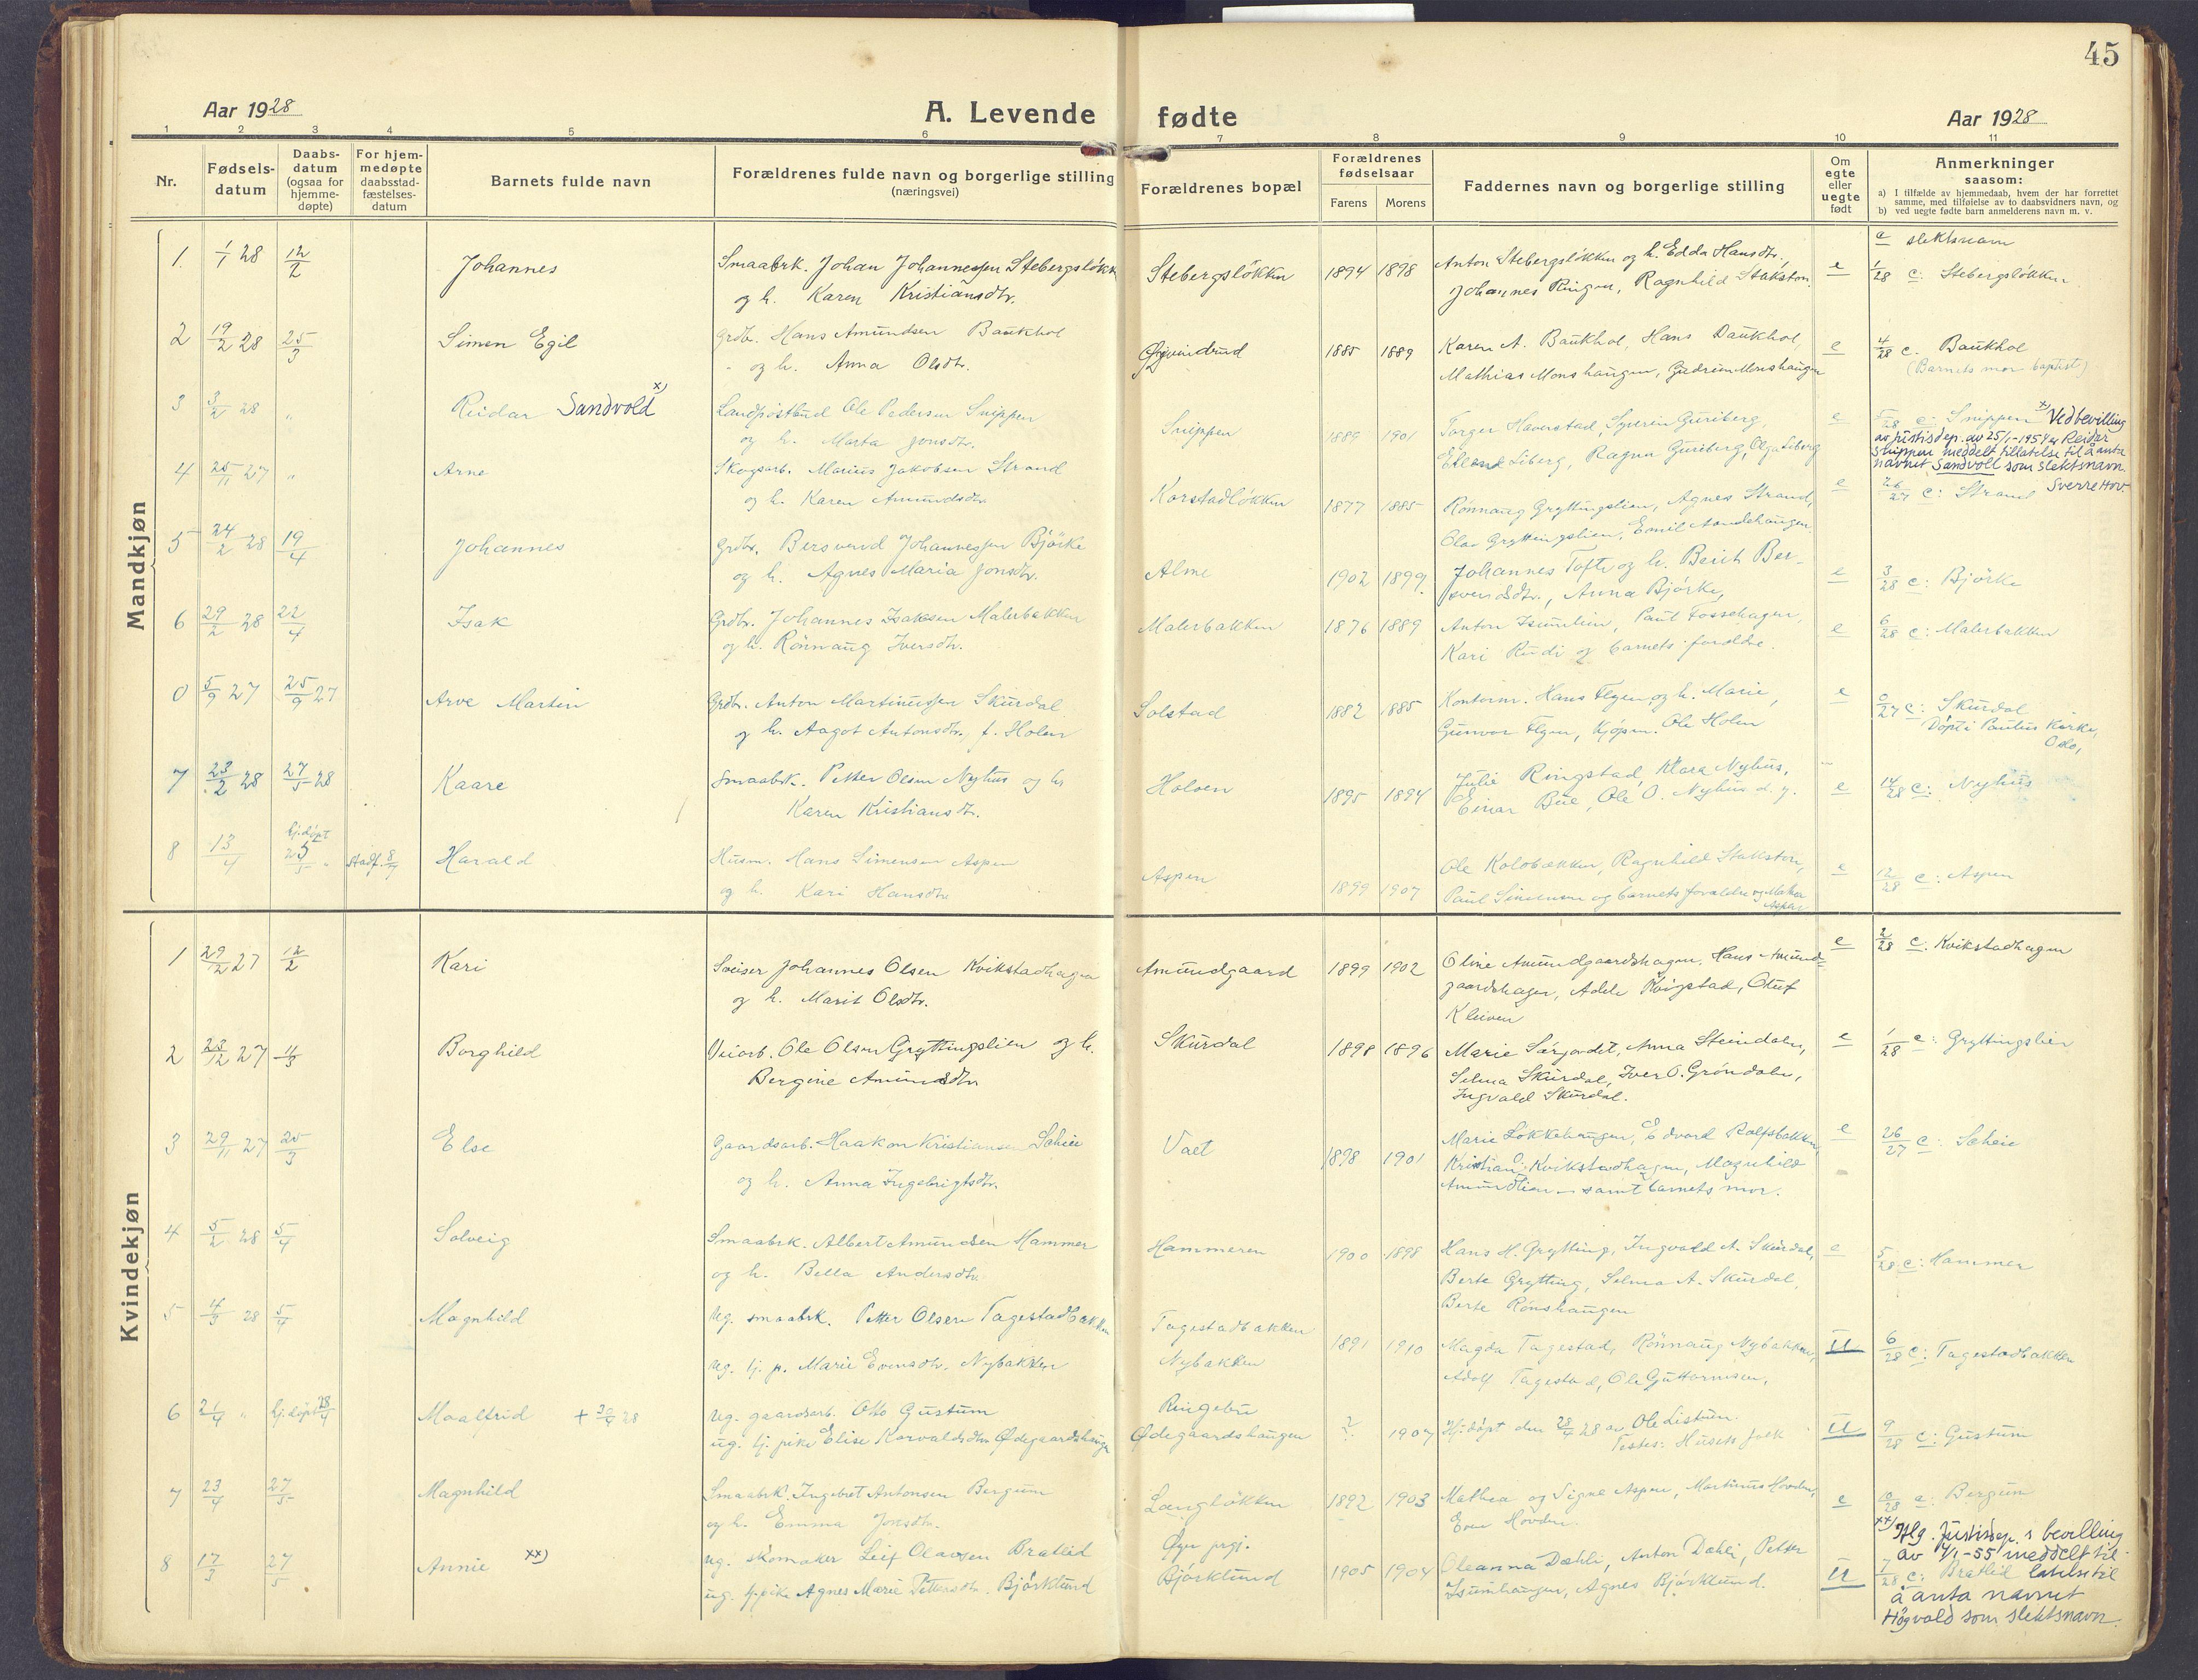 SAH, Sør-Fron prestekontor, H/Ha/Haa/L0005: Ministerialbok nr. 5, 1920-1933, s. 45